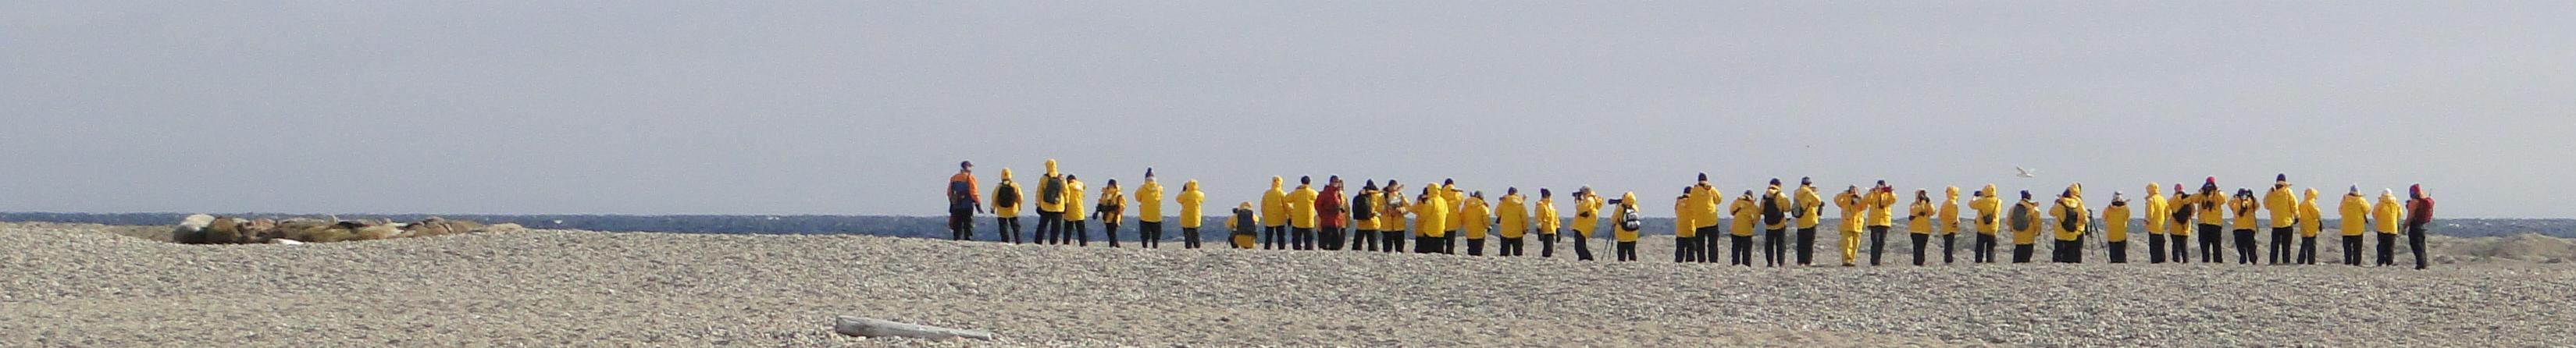 Walrosstouristen